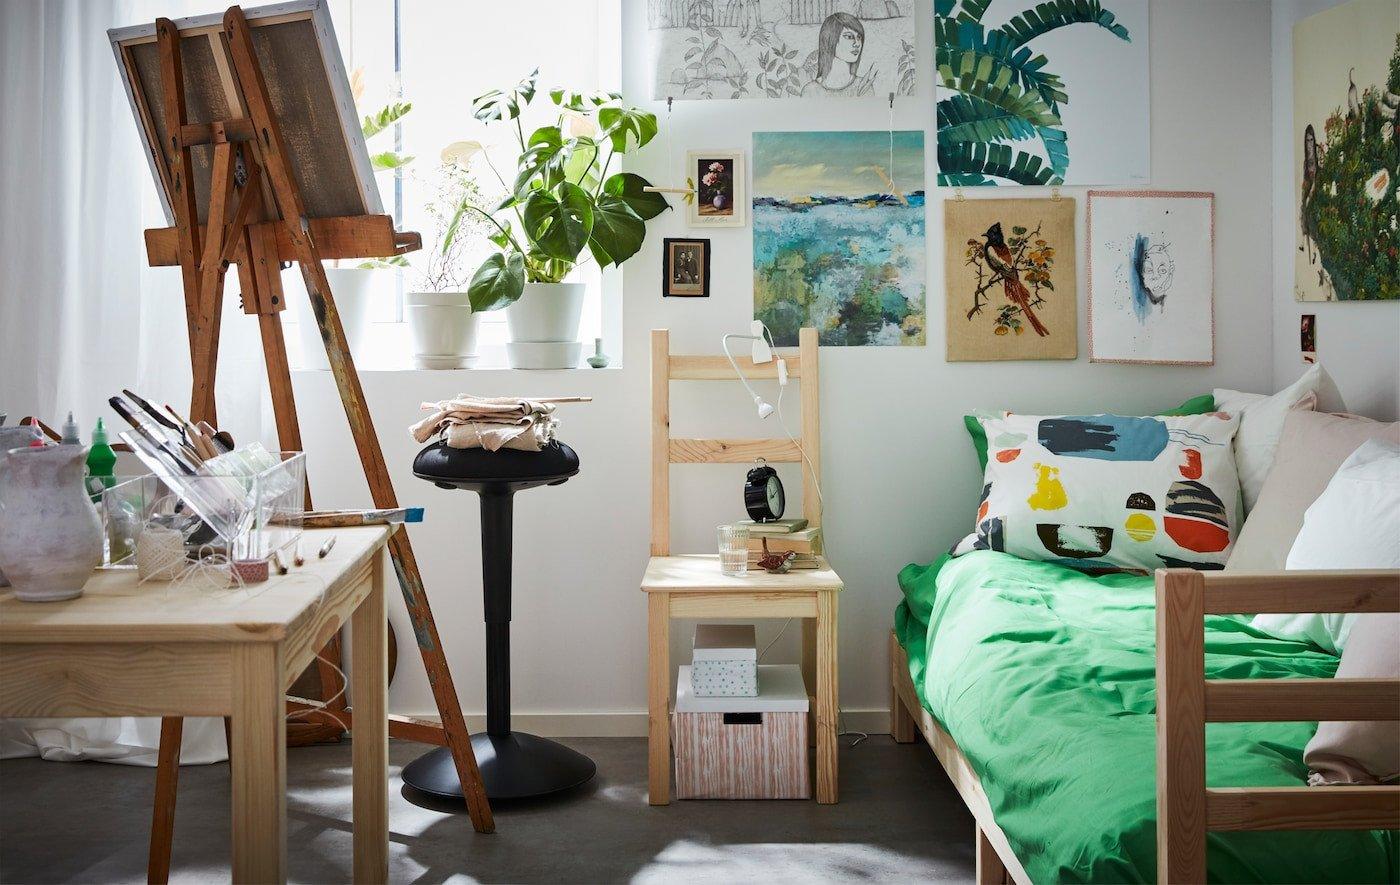 Ikea White Bedroom Furniture Beautiful Creative and Cute Dorm Room Ideas Ikea